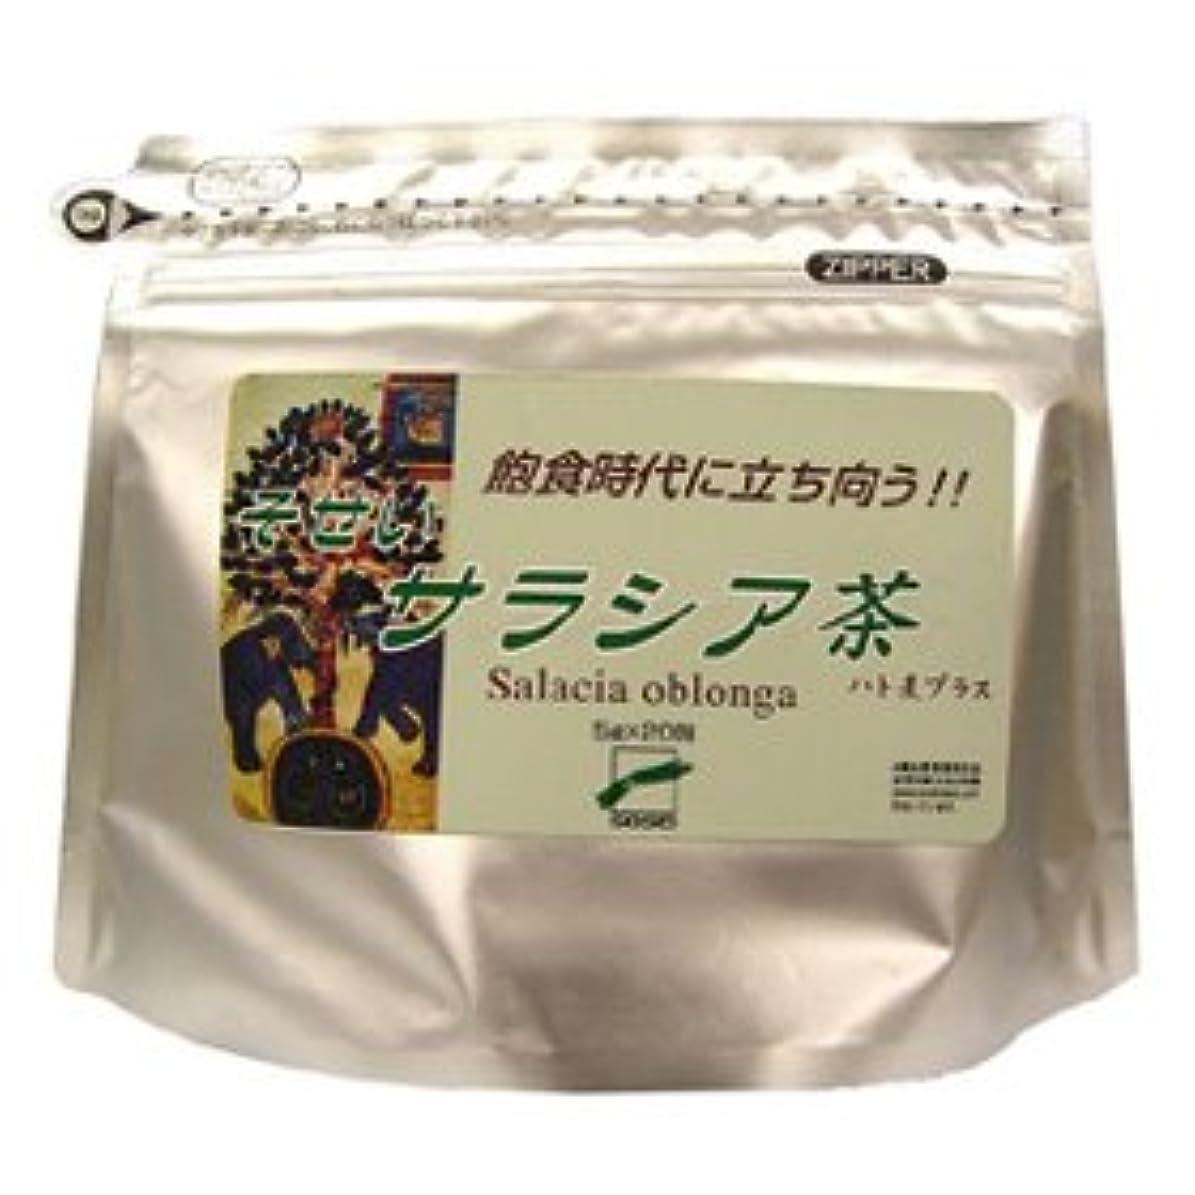 ナイトスポット均等にアスレチックそせい サラシア茶 1袋